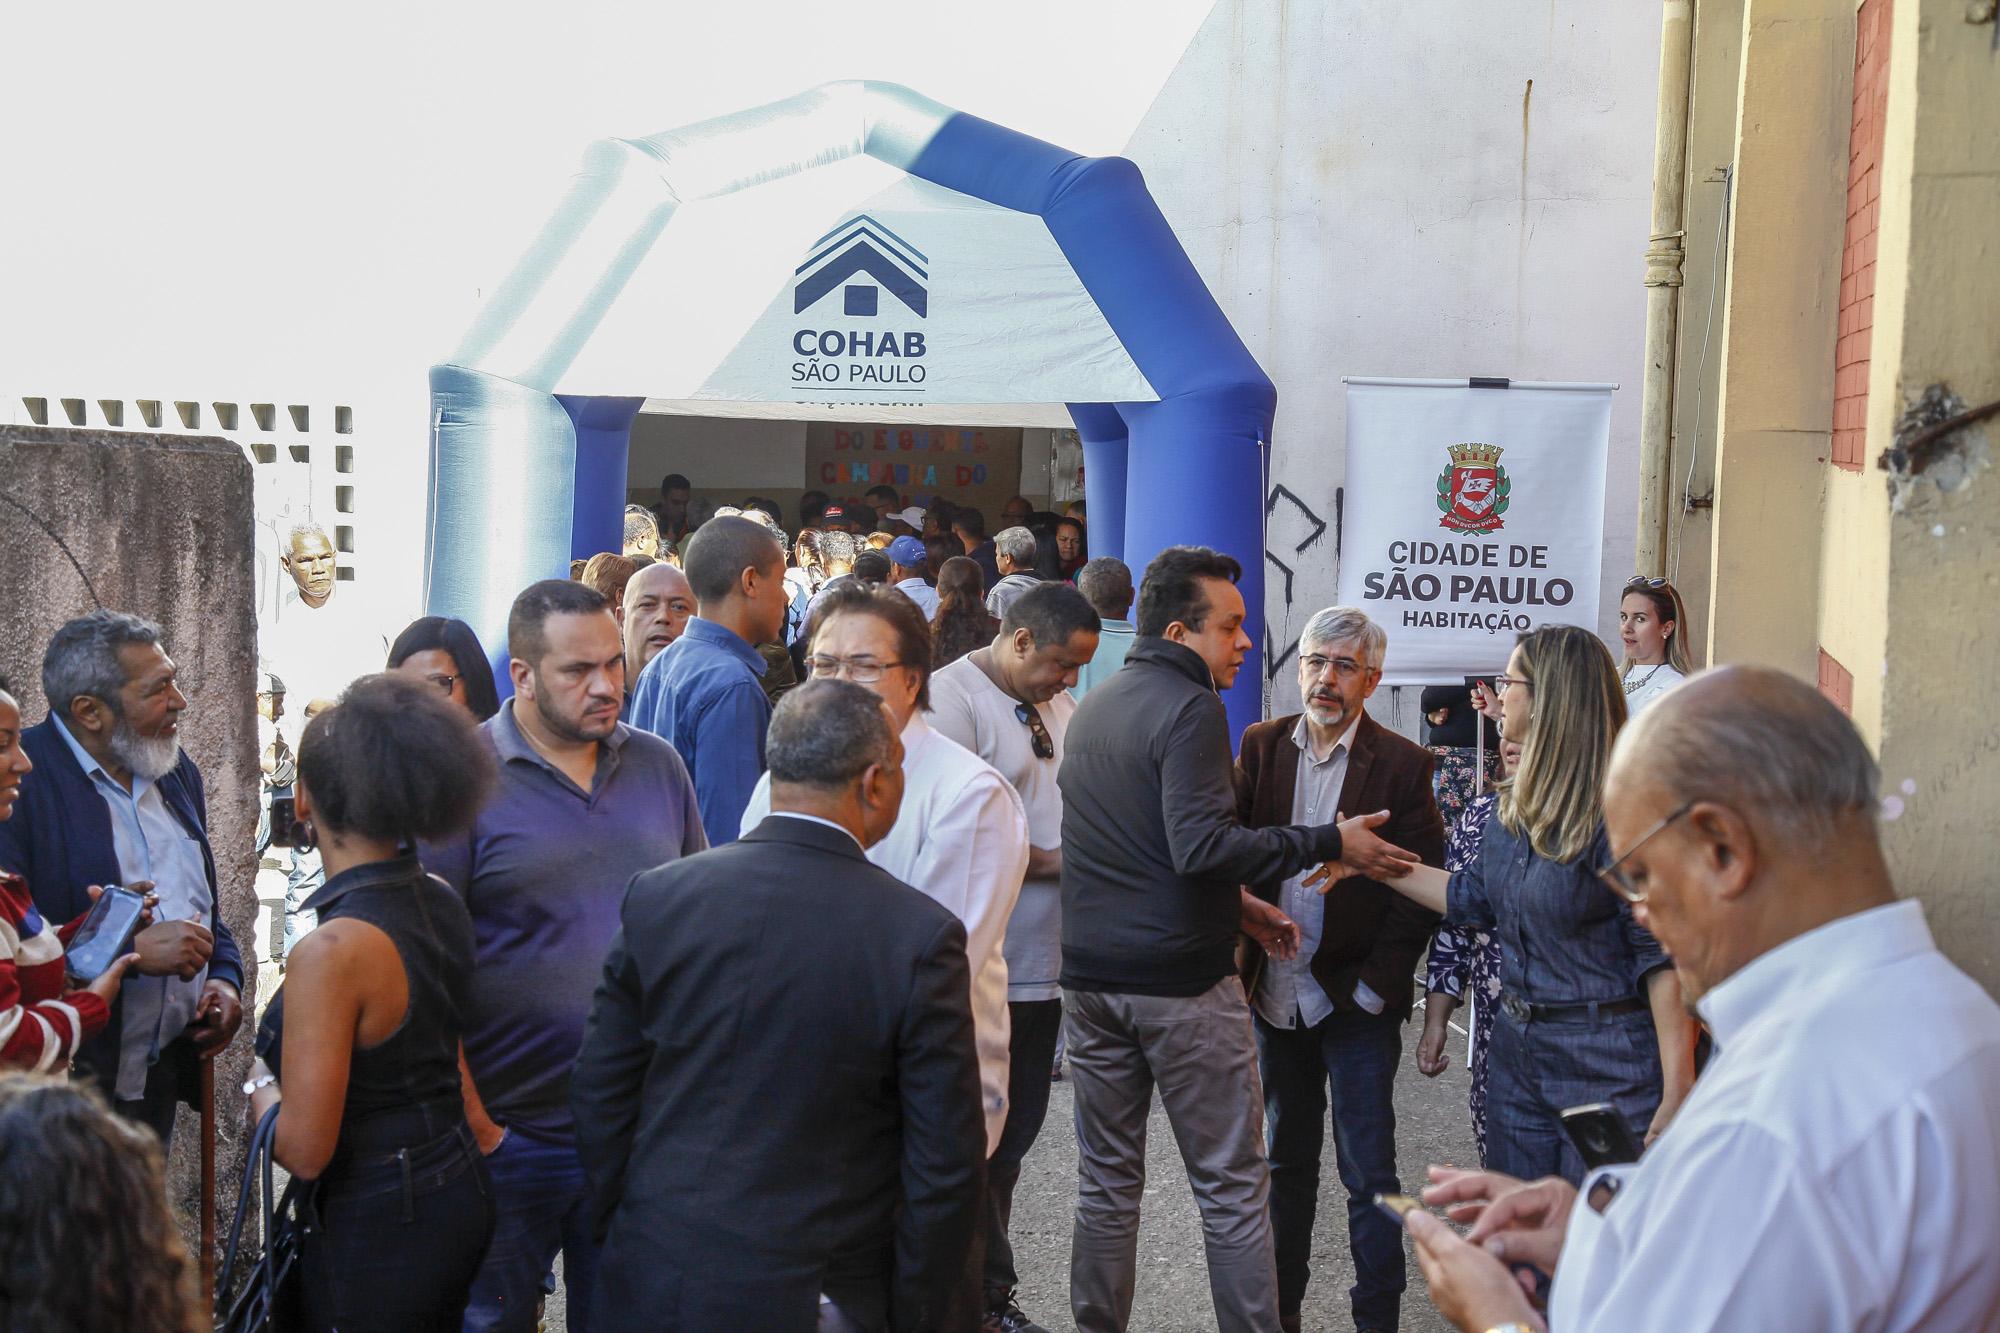 Prefeitura entrega mais de 900 títulos de propriedade a moradores de Guaianases, na Zona Leste